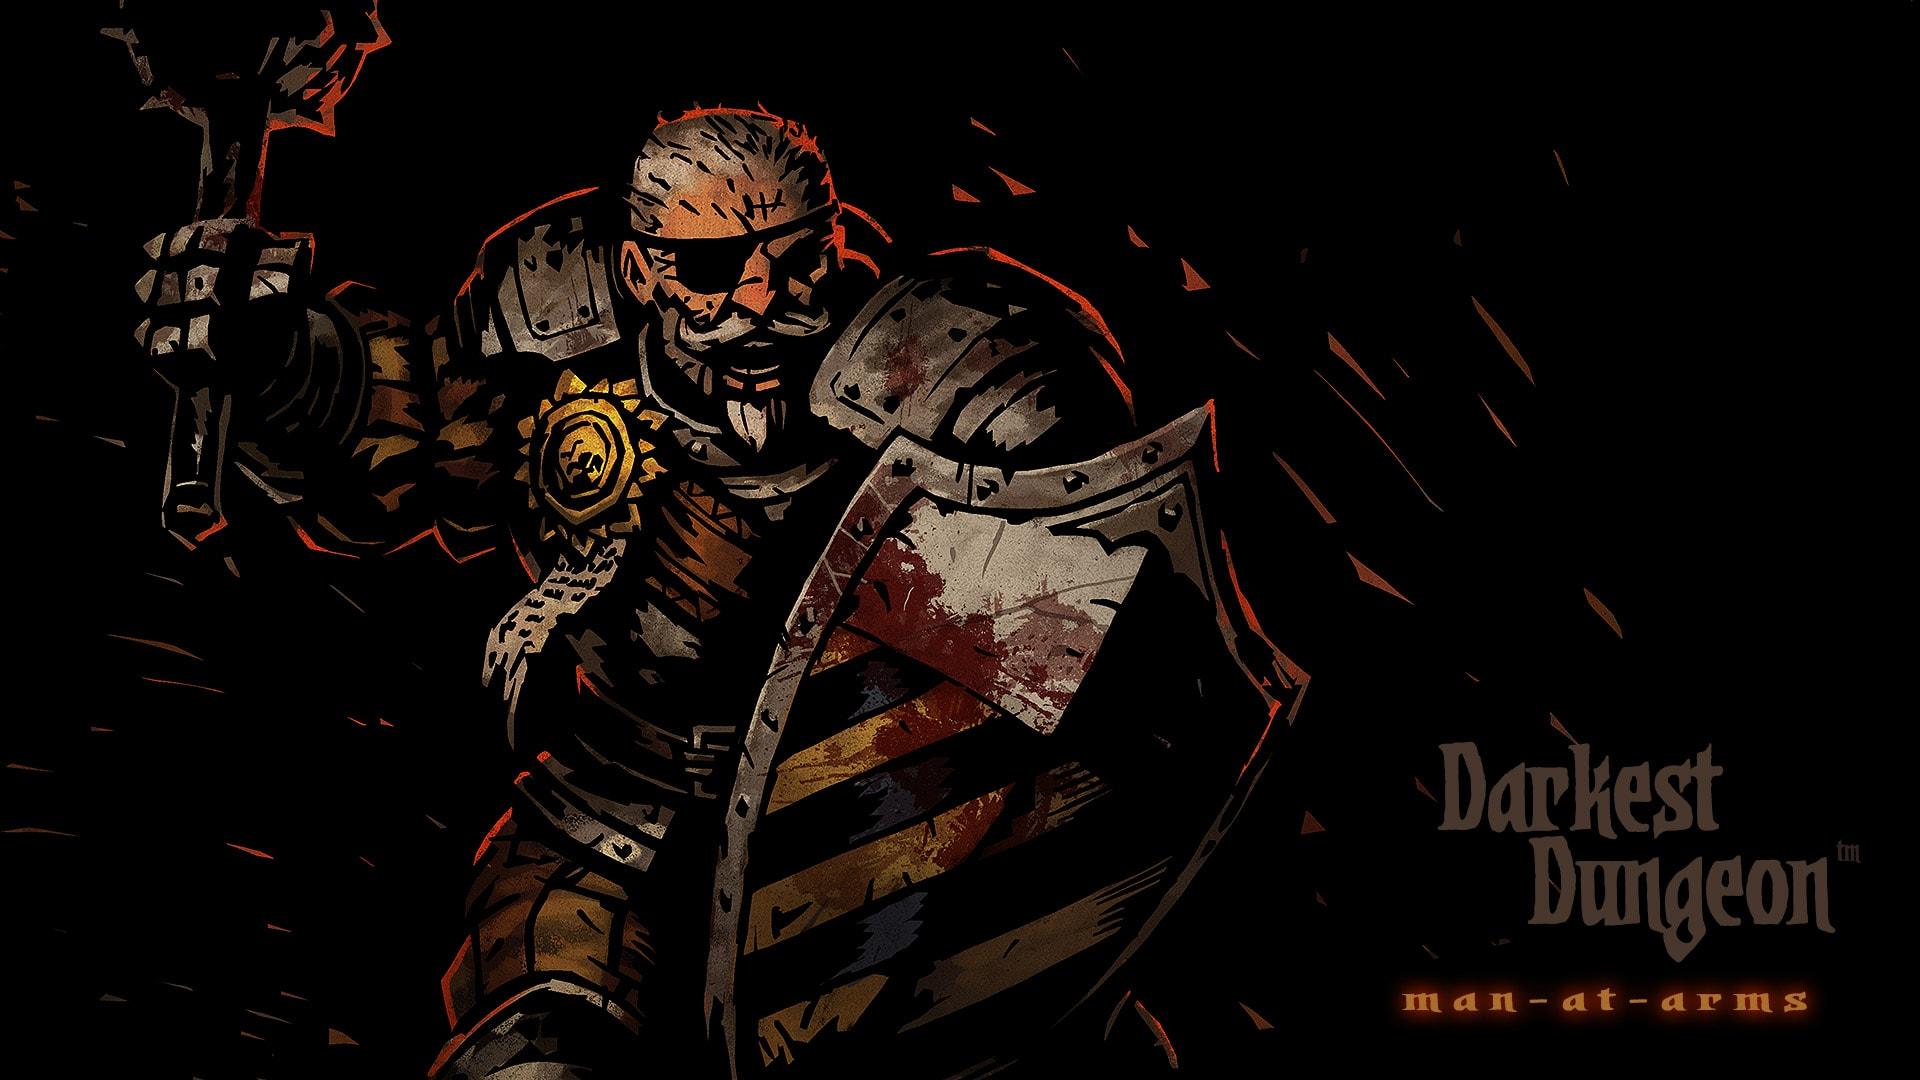 Darkest Dungeon Desktop wallpapers